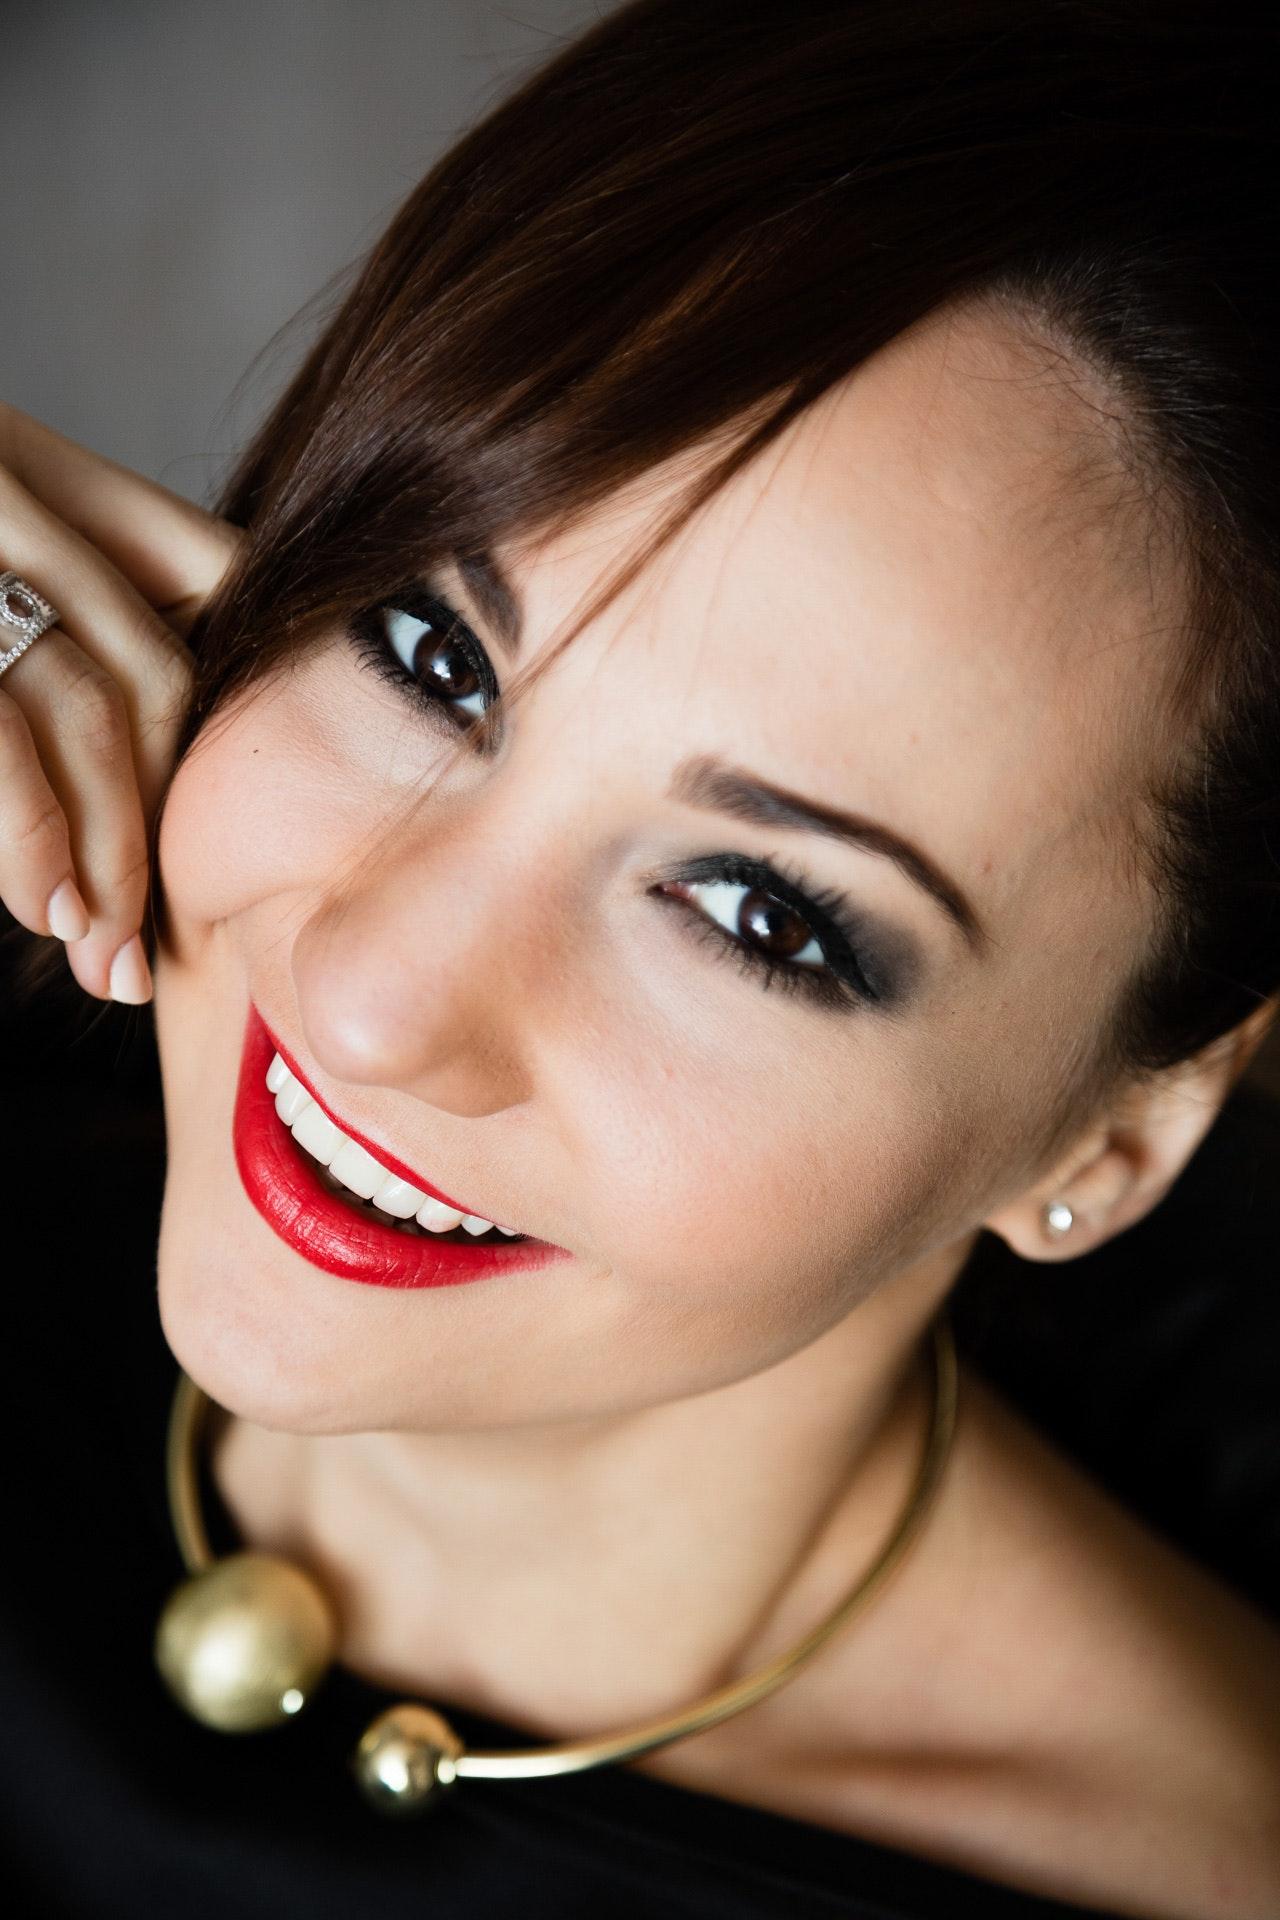 Cristina-Antoaneta Pasaroiu